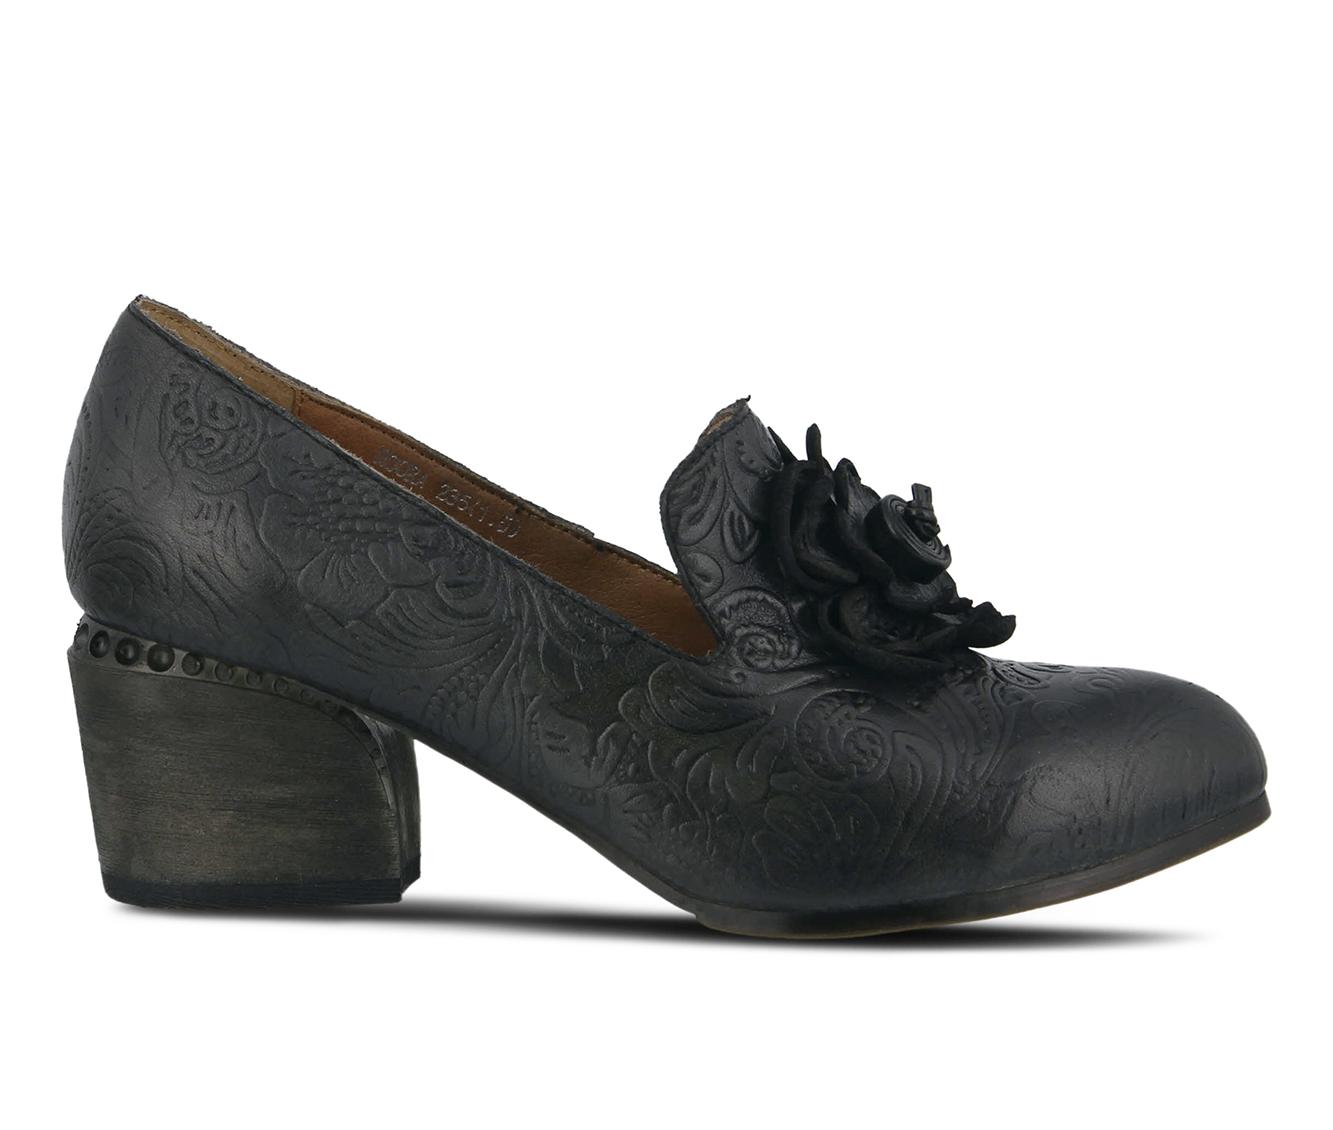 L'Artiste Noora Women's Dress Shoe (Gray Leather)